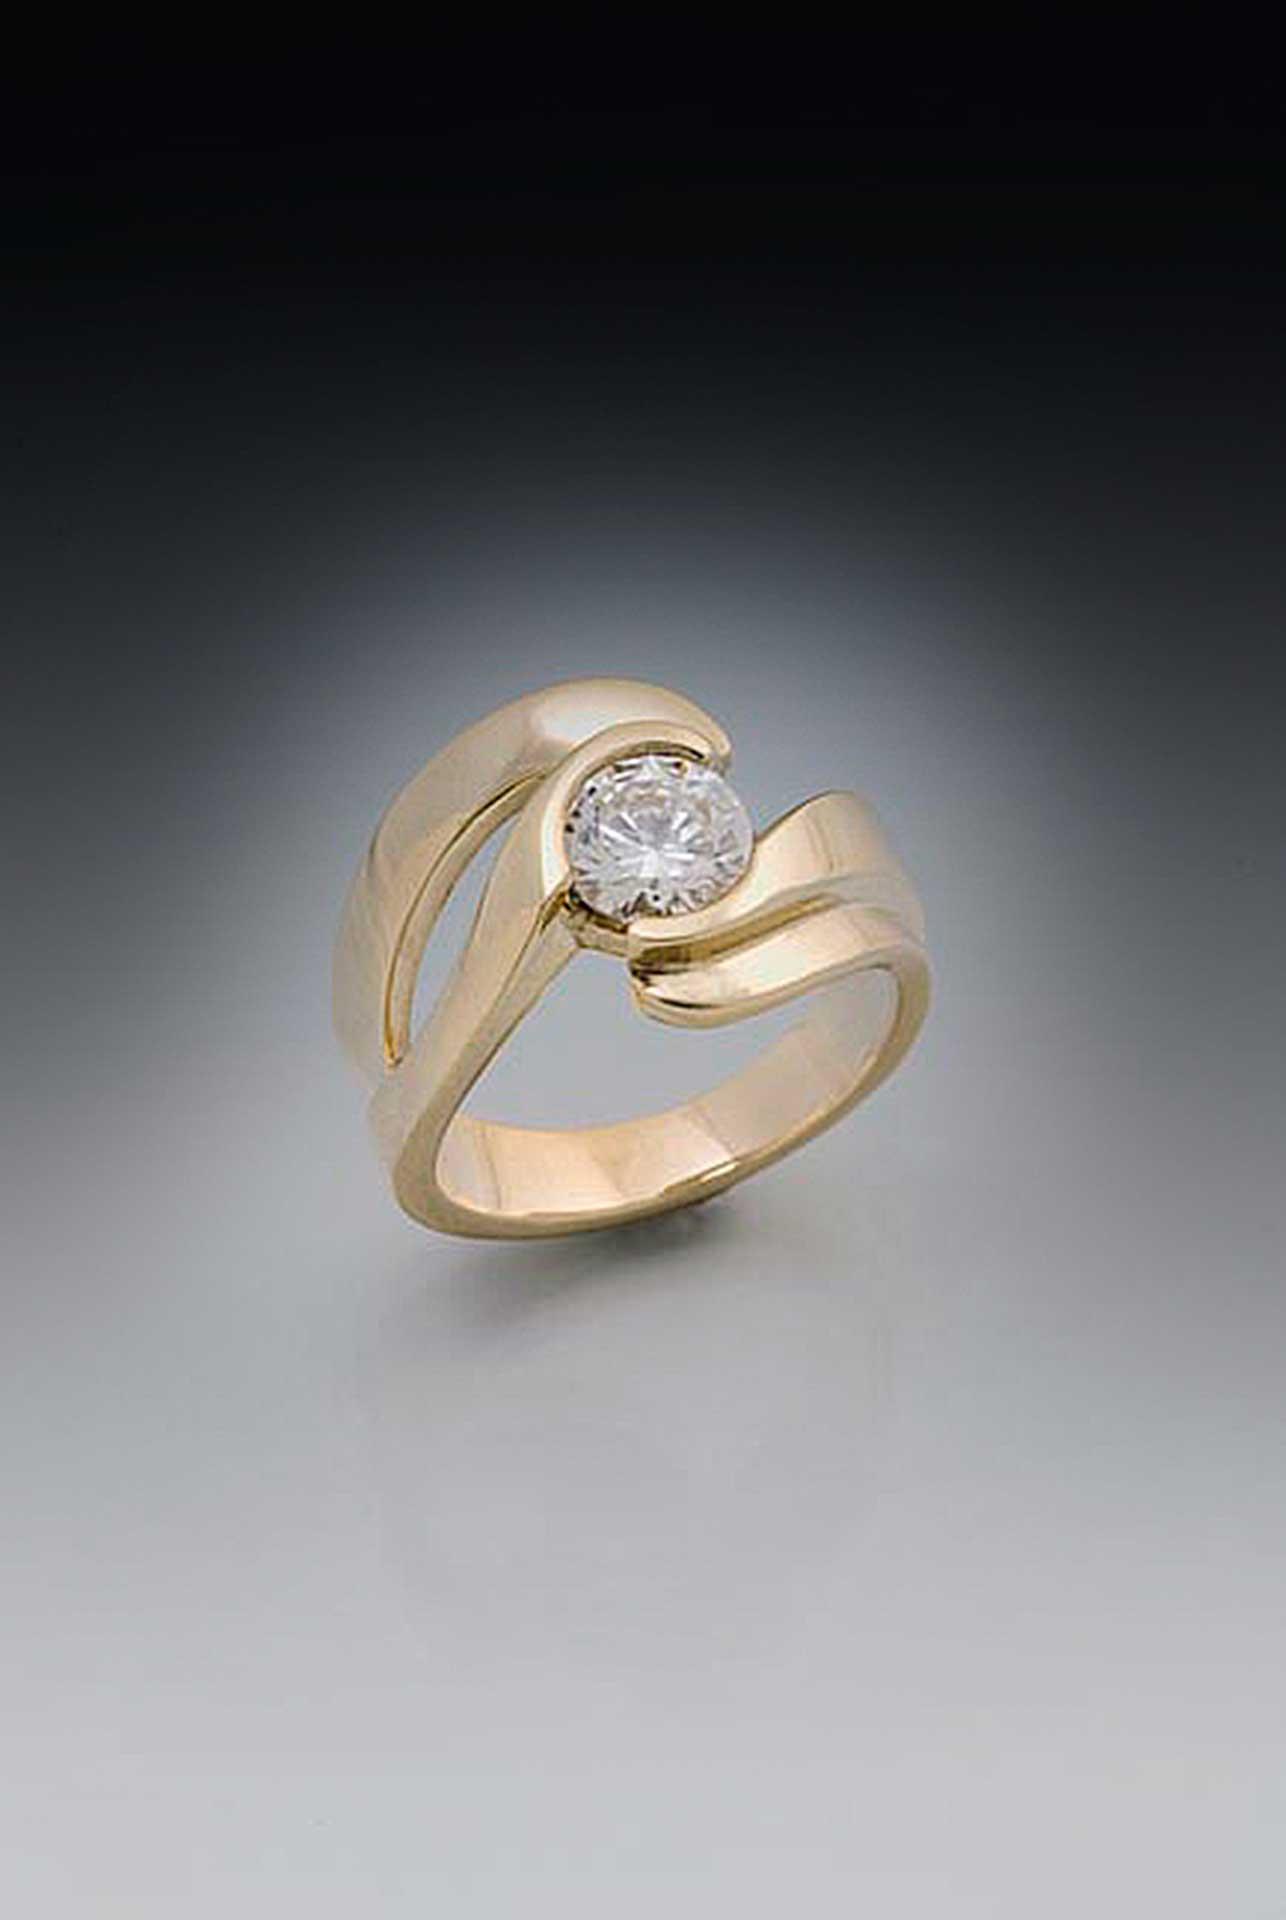 Eternity Double Edge Swirl Large Diamond Rings Unique